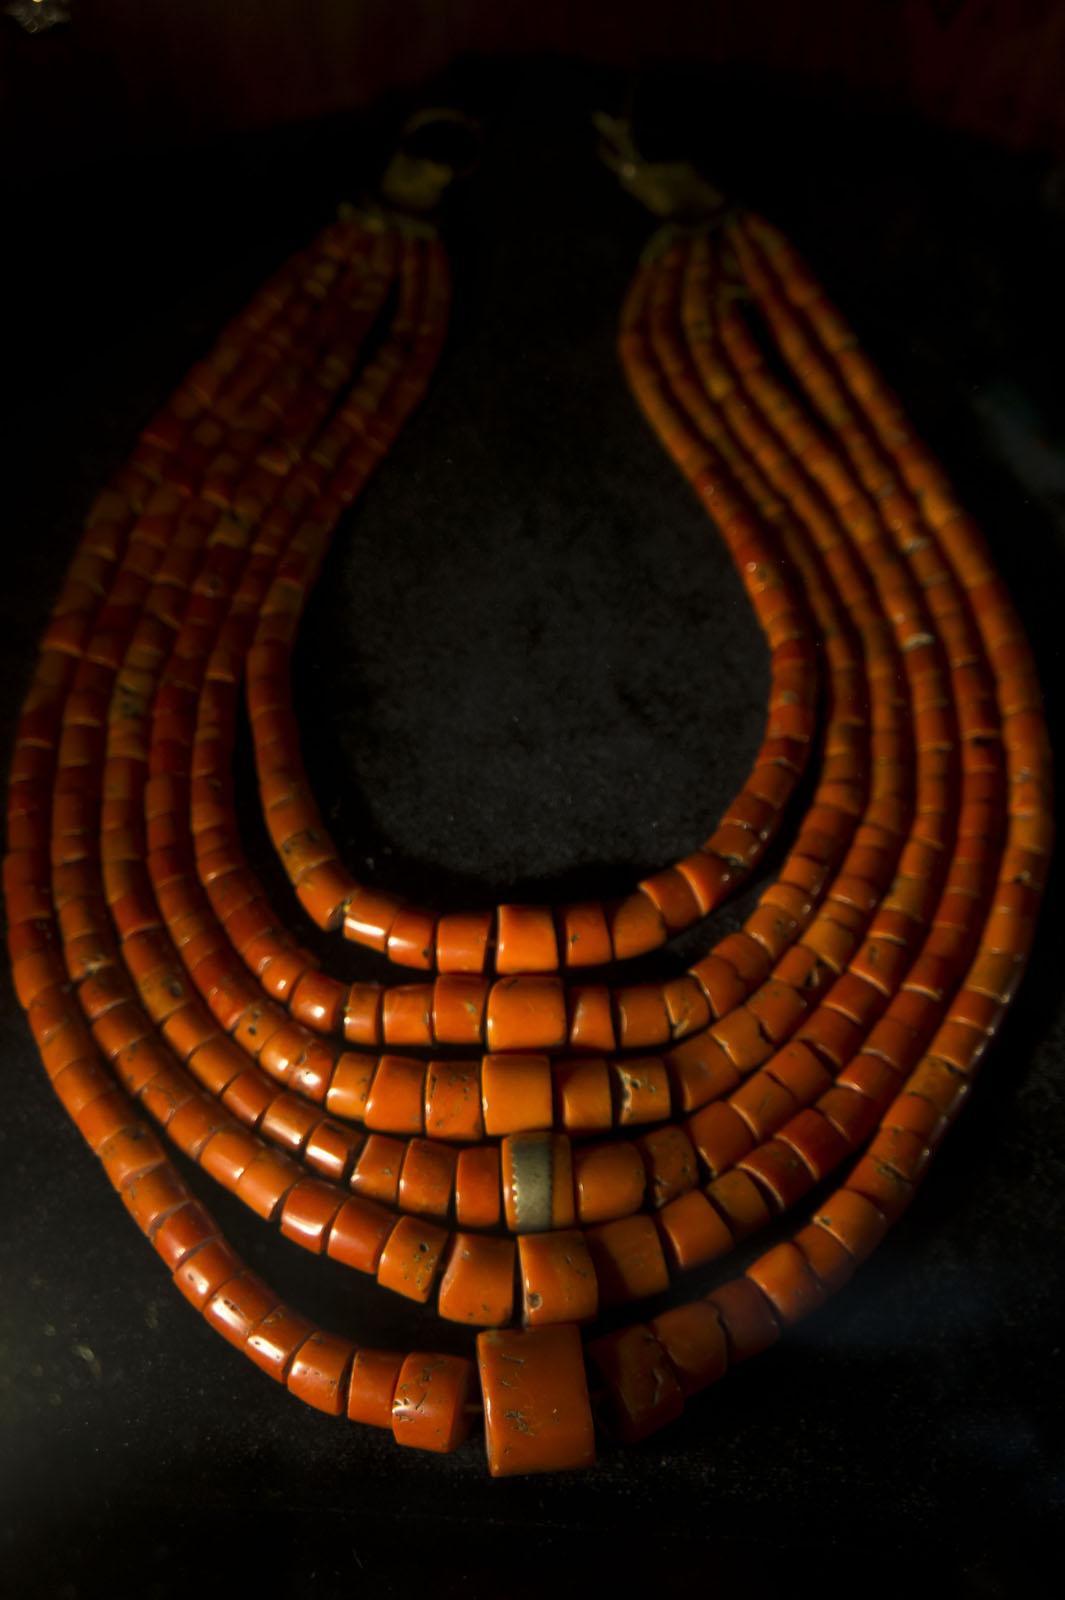 Фото №70874. Ожерелье из красных морских кораллов. Украина, Полтавщина, XIX век